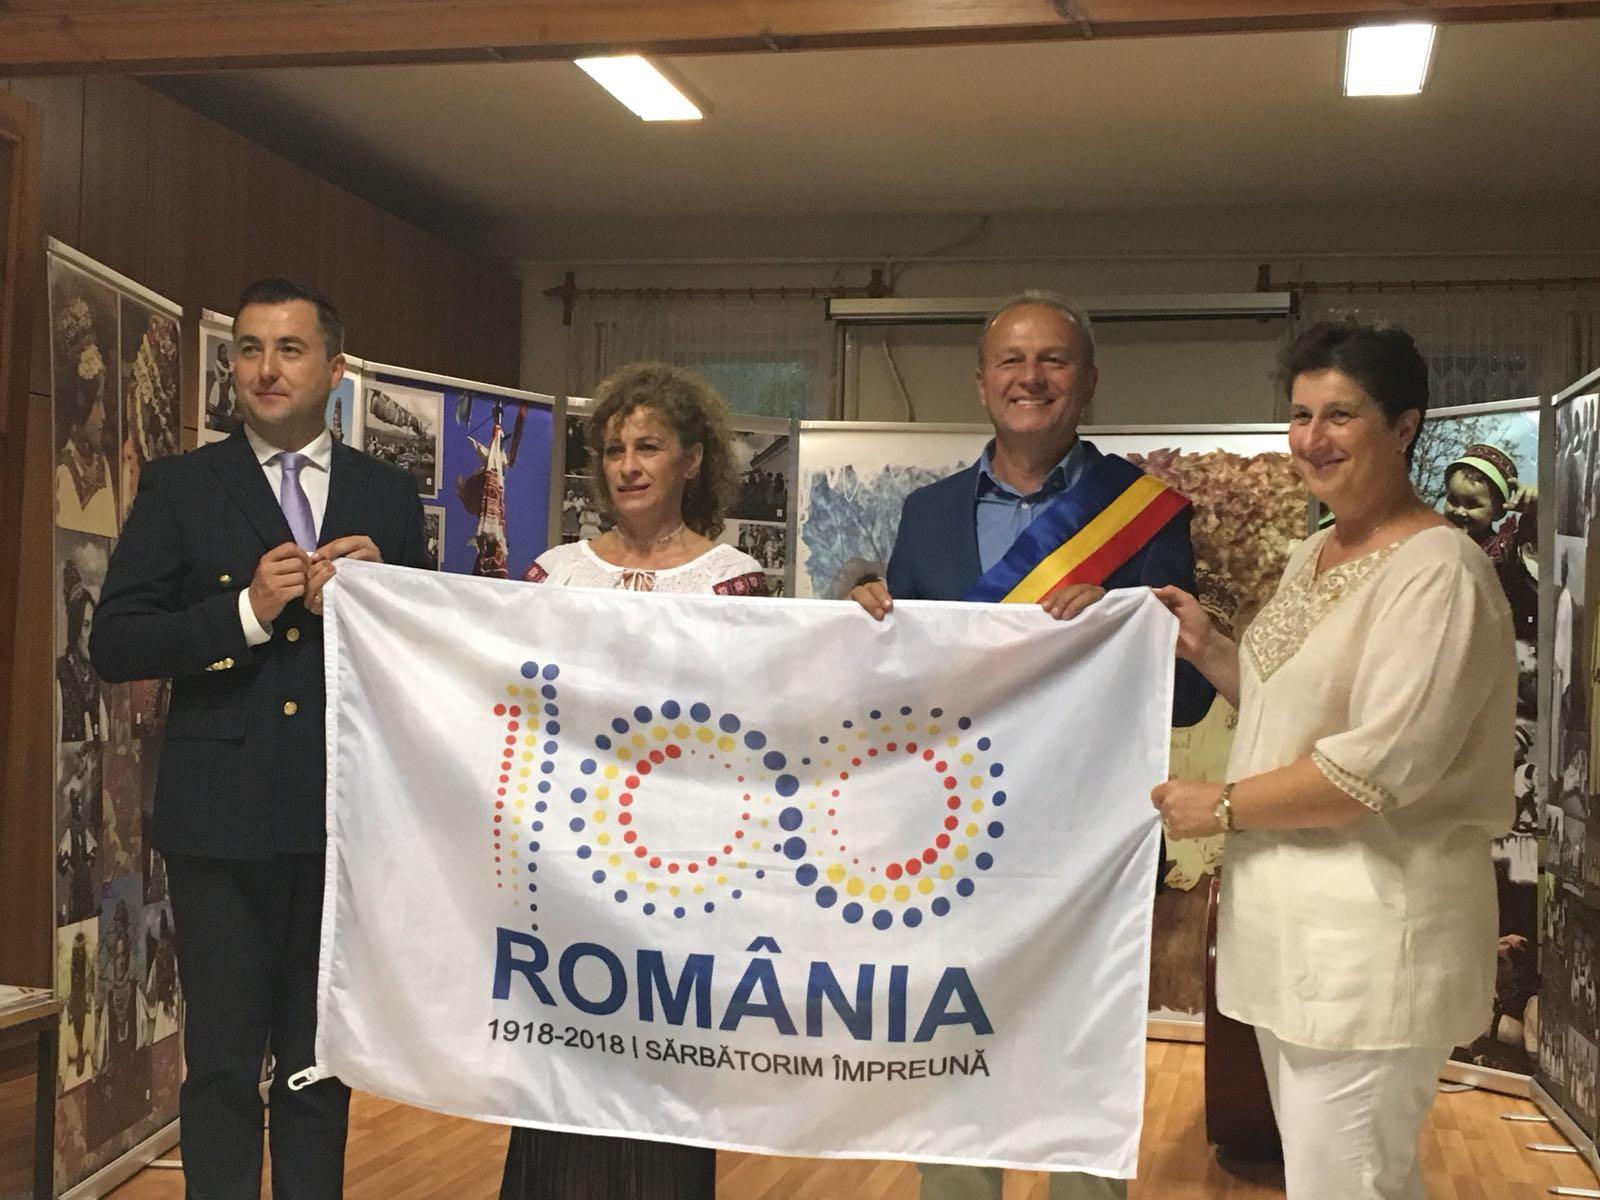 """""""Centenarul în ipostaze identitare"""", la Gyula, în Ungaria (GALERIE FOTO + VIDEO)"""